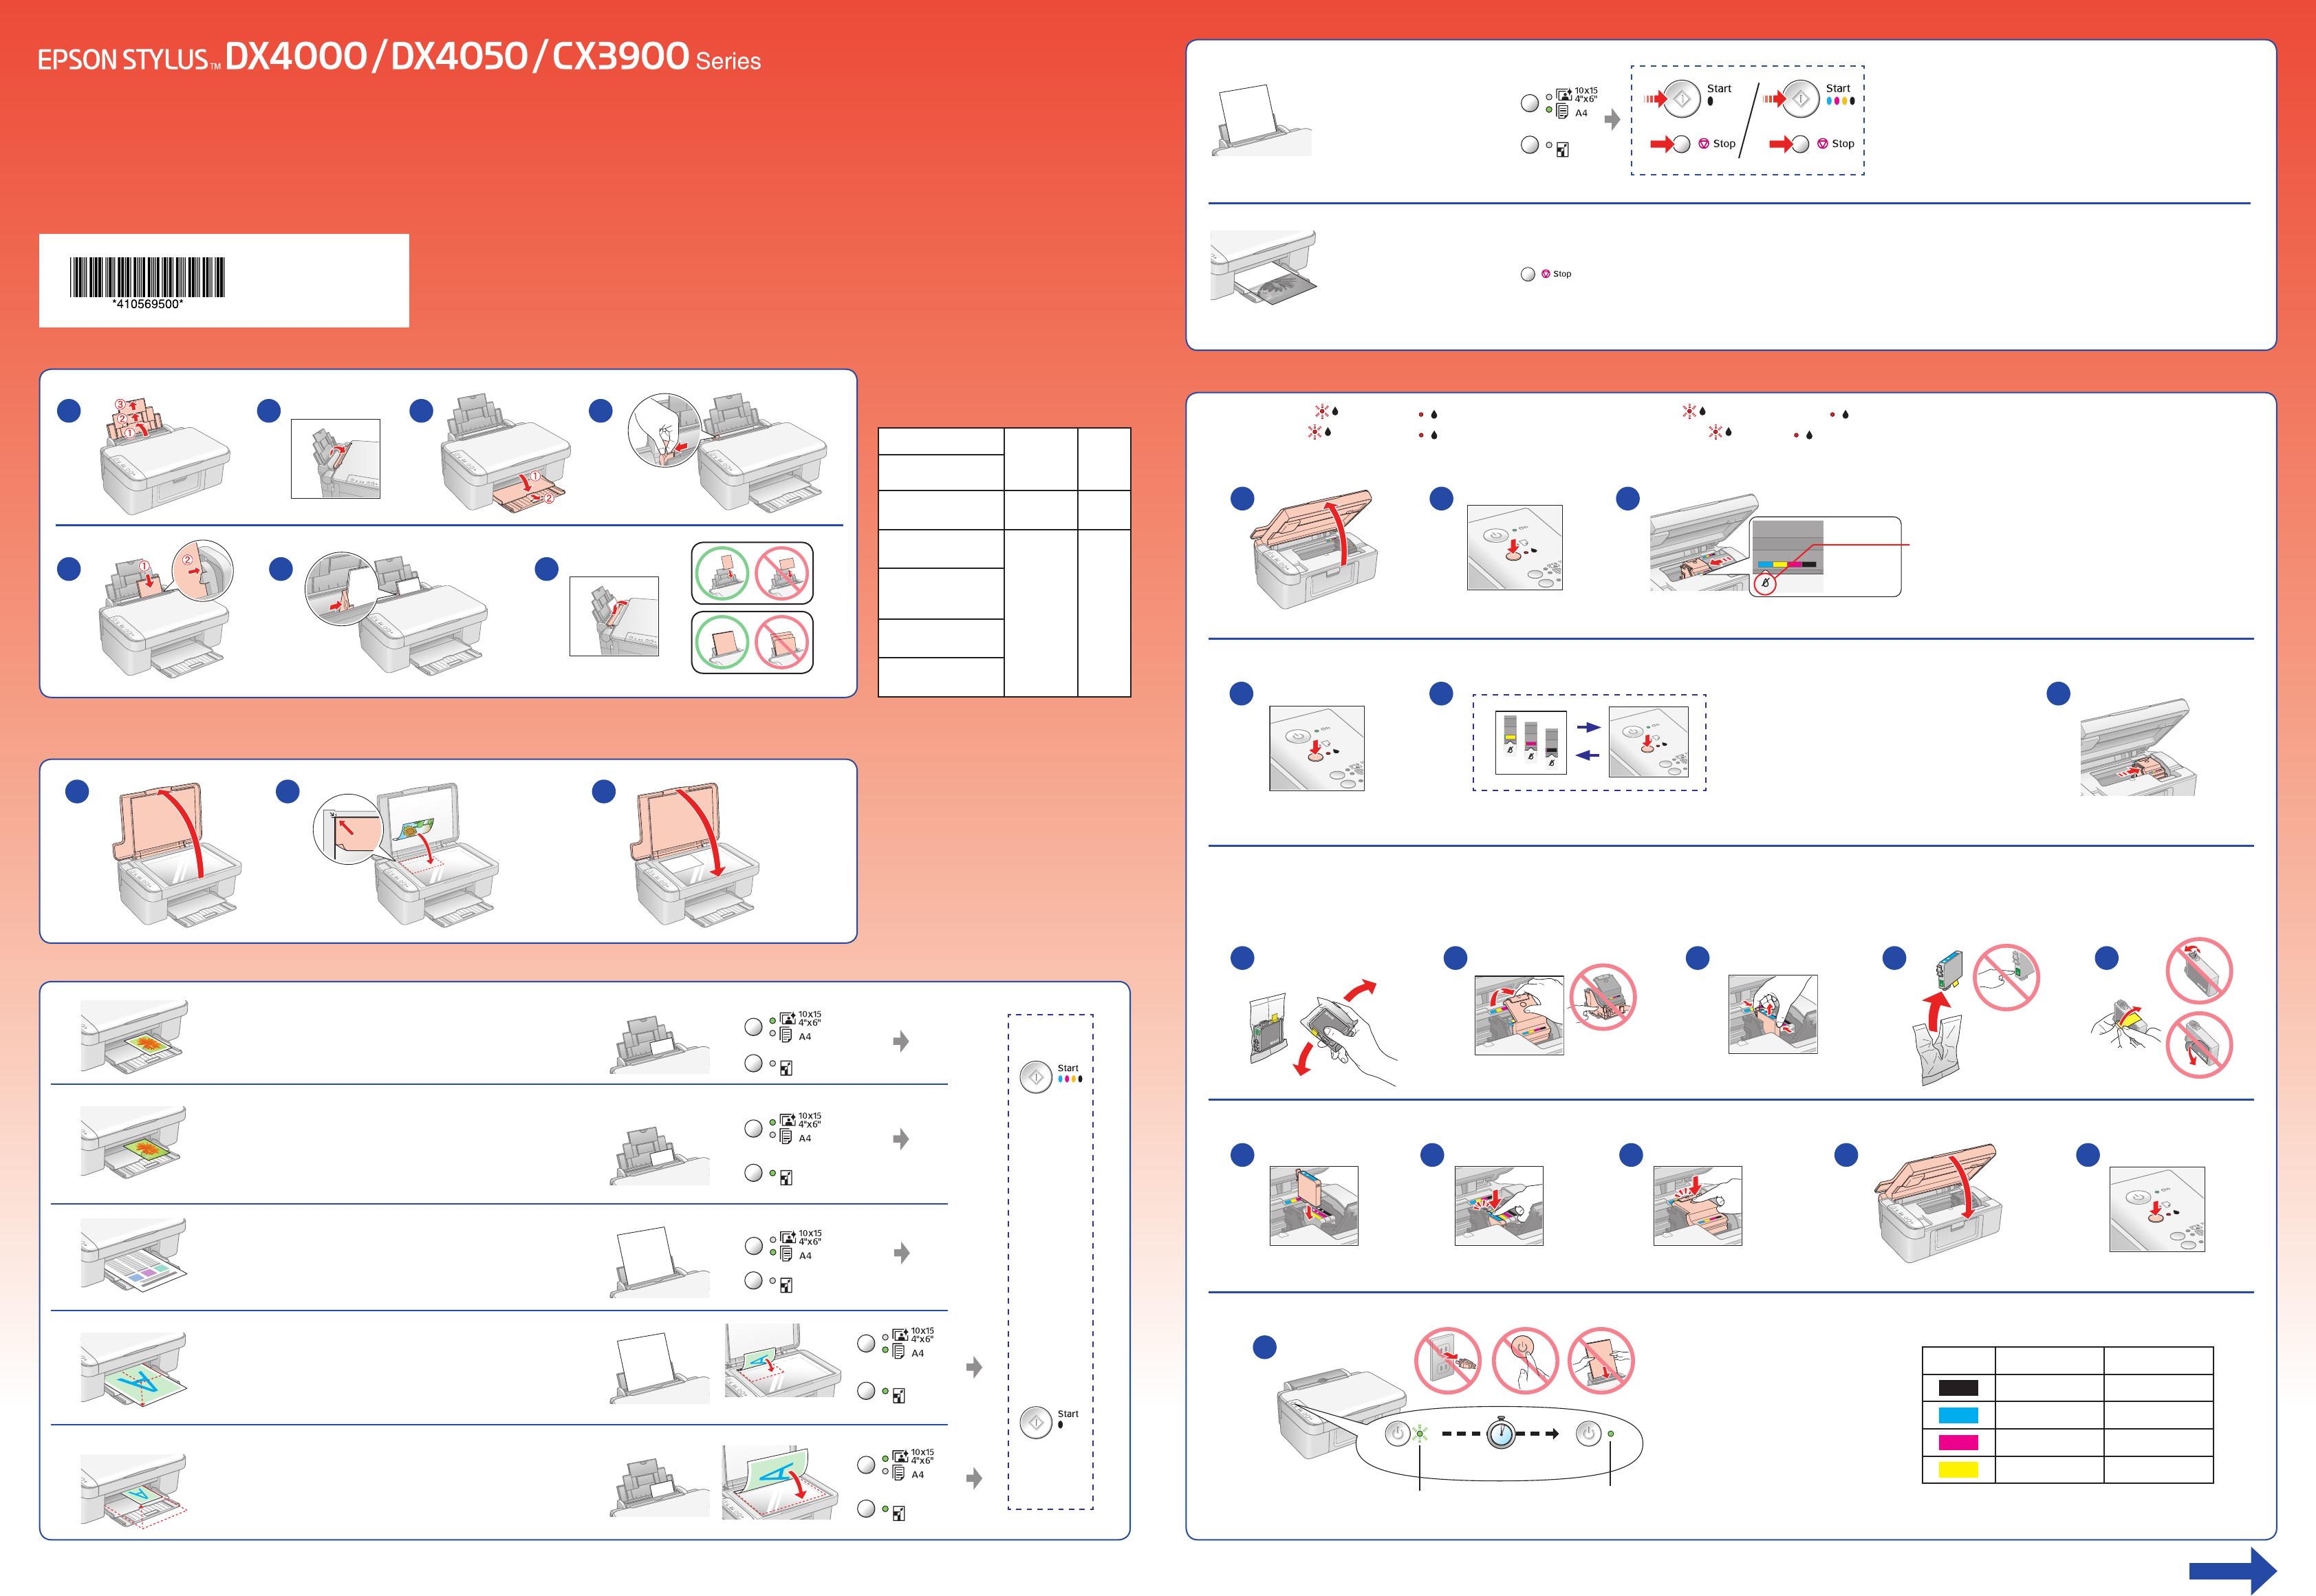 Ongebruikt Bedienungsanleitung Epson Stylus DX 4000 (Seite 1 von 2) (Holländisch) SS-62